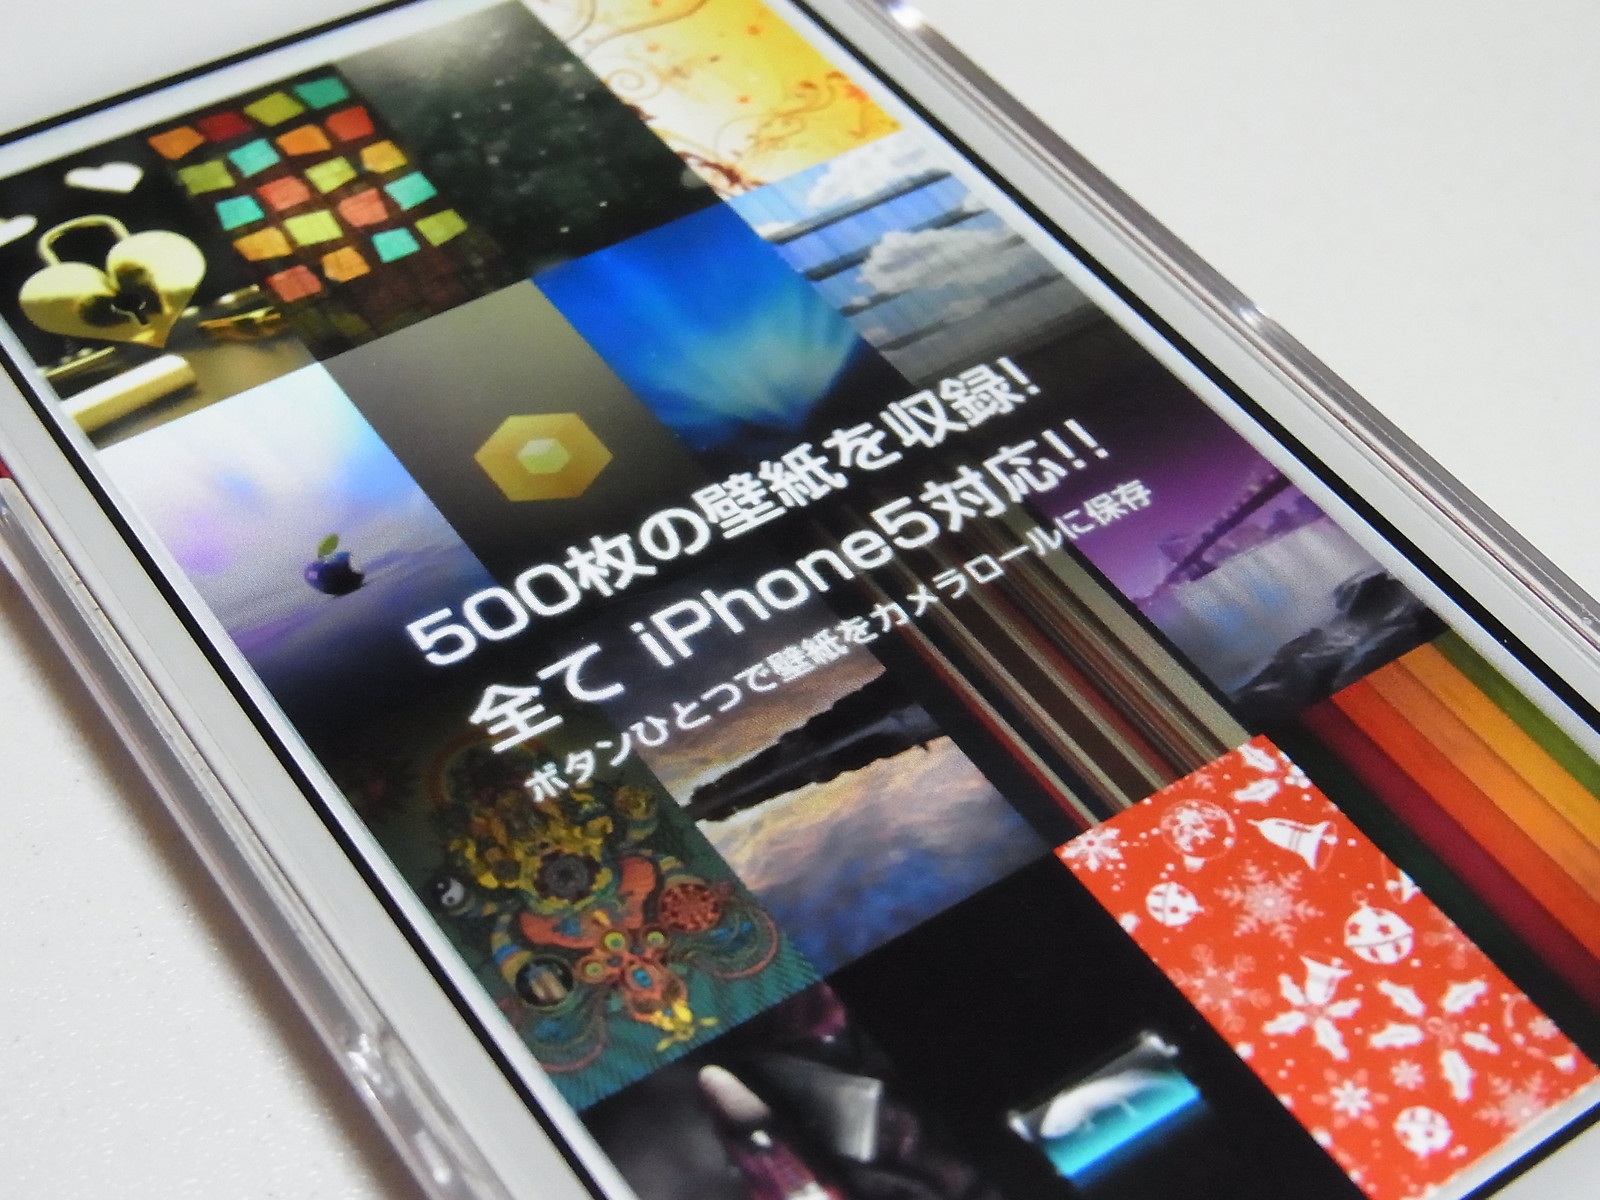 500枚の中からお気に入りの壁紙を探してイメチェンしよう 手軽に使える壁紙アプリ Iphone5用の美しいhd壁紙500枚 無料 Iphoneアプリ S Max